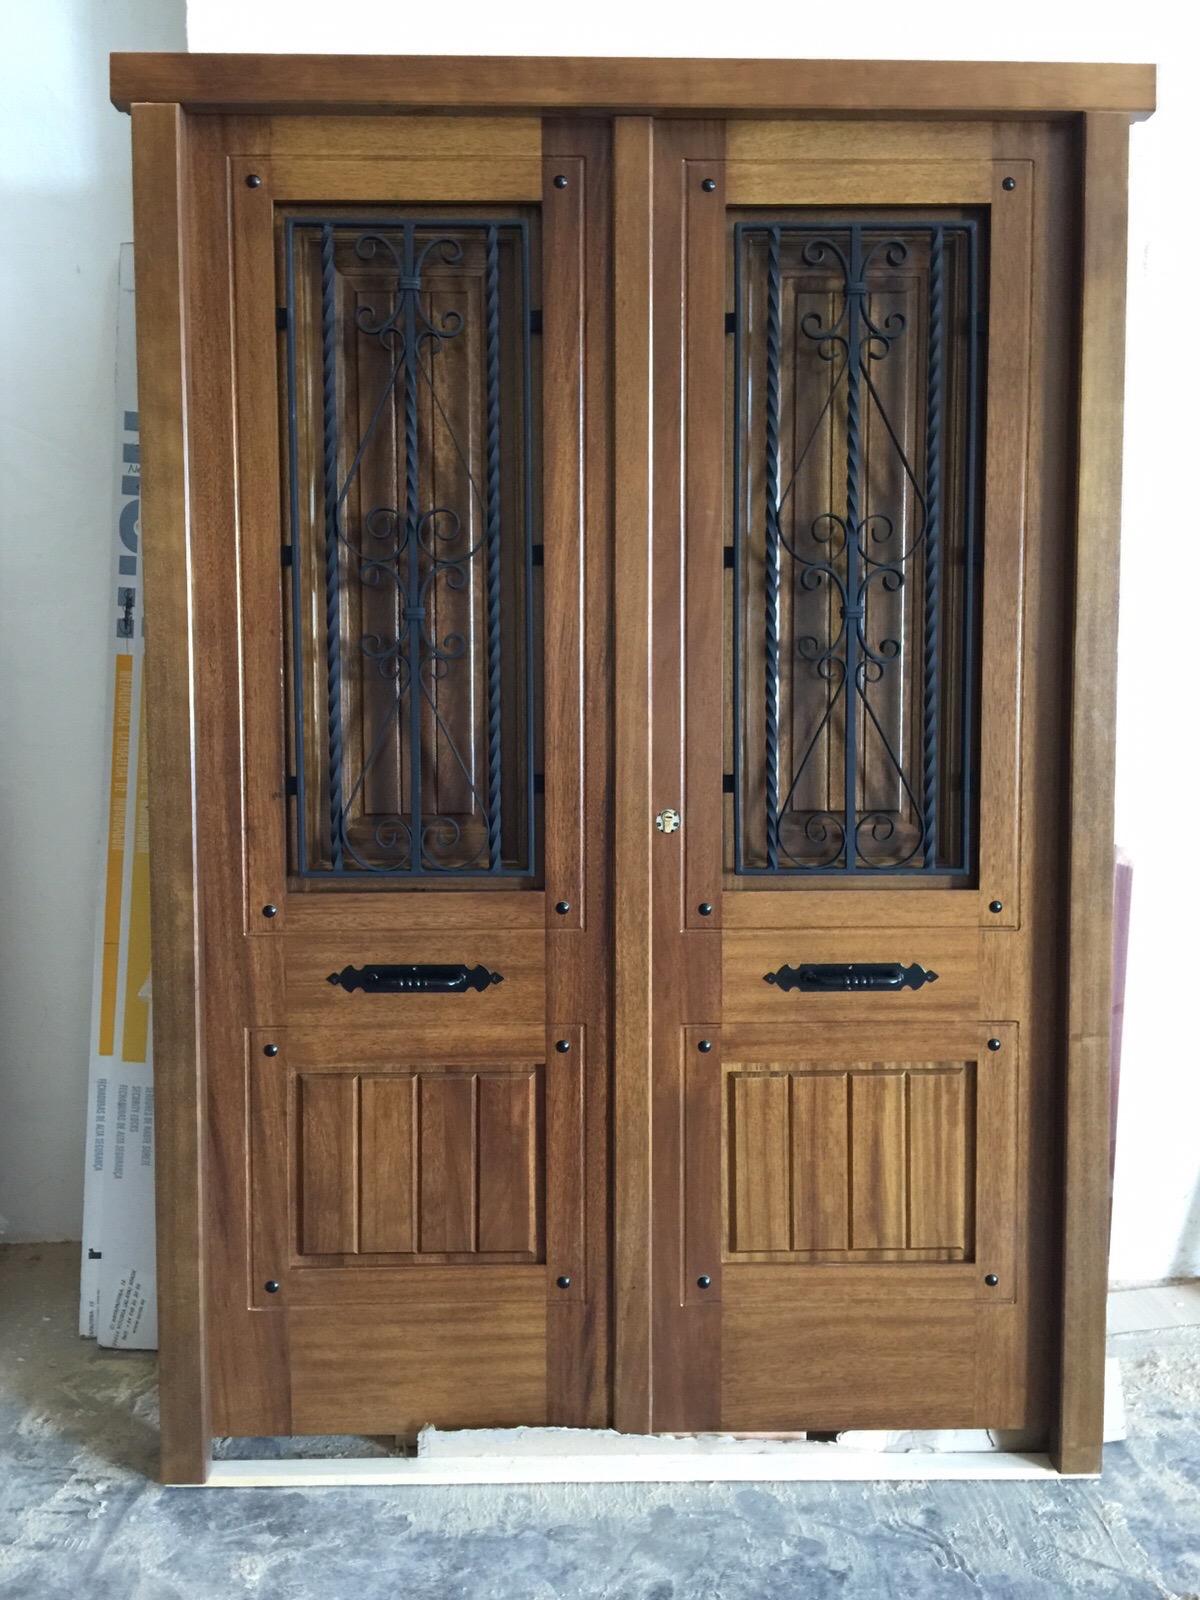 Puertas en valera de abajo best puerta moderna con incrustacin en aluminio with puertas en - Puertas en valera de abajo ...